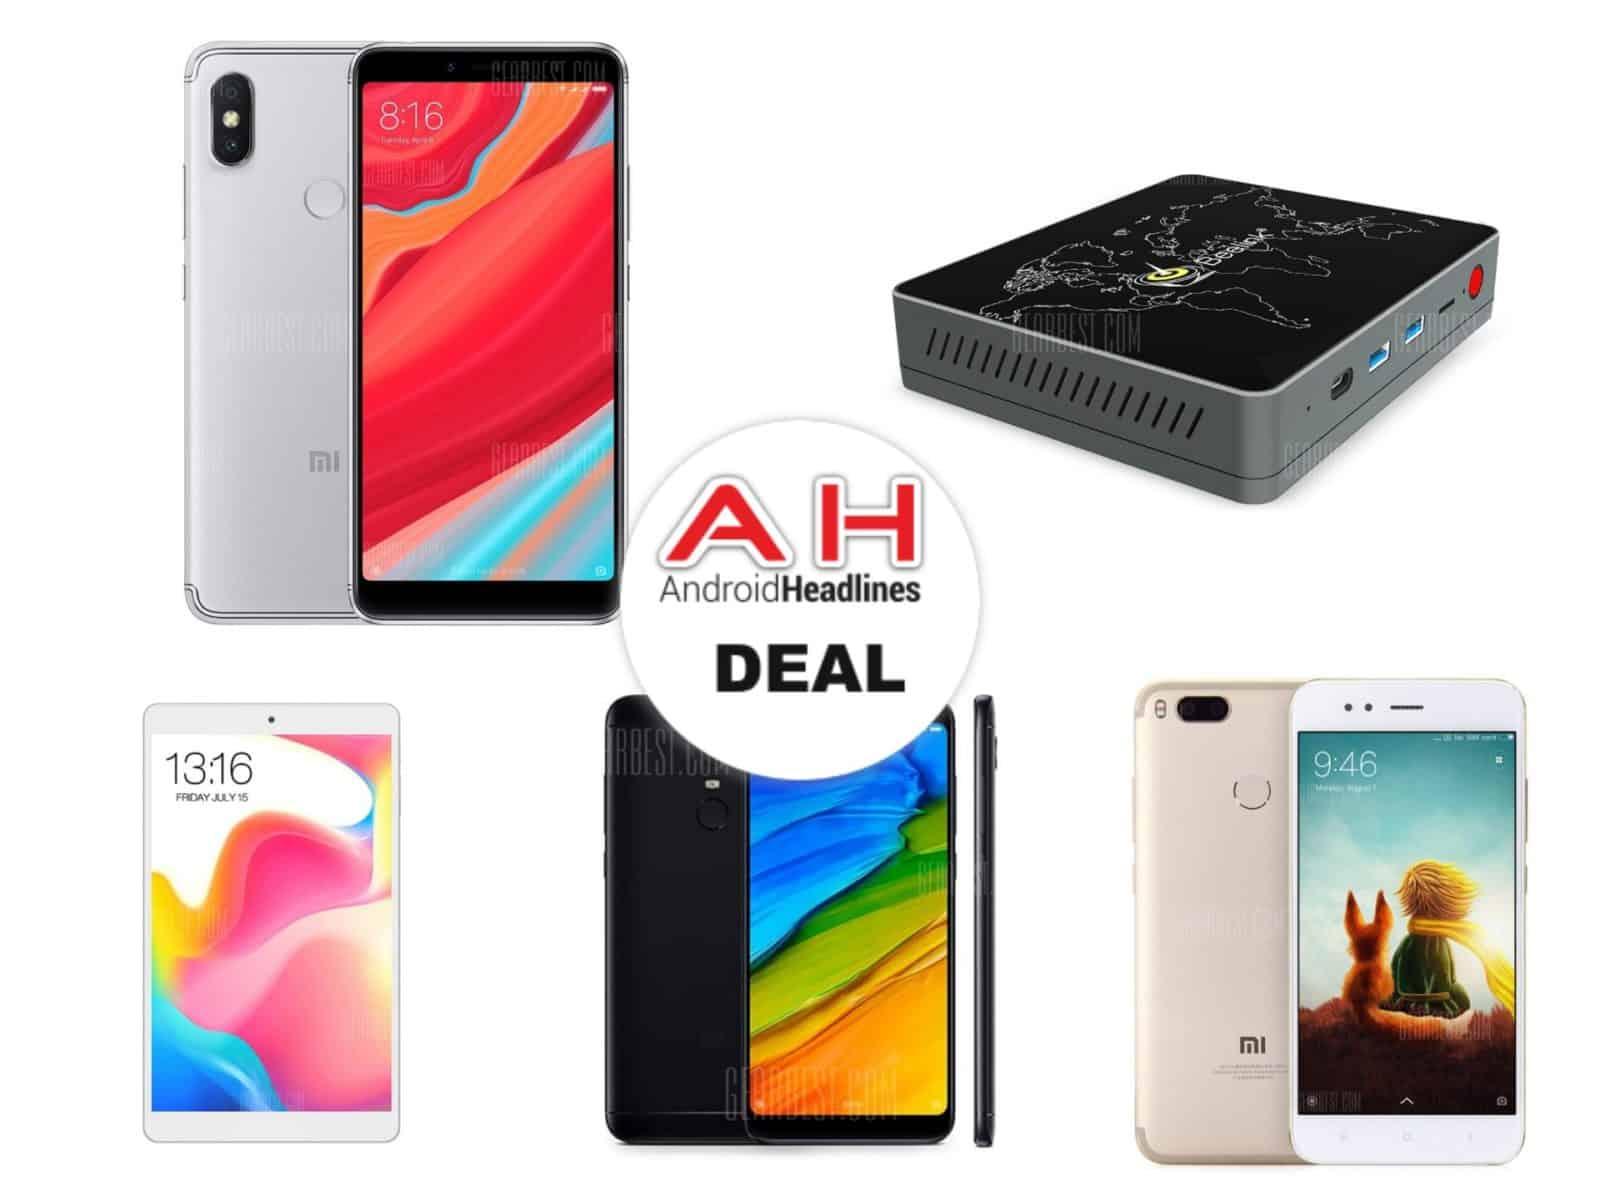 GearBest Deals: Xiaomi Redmi S2, Beelink S1 Mini PC & More ...